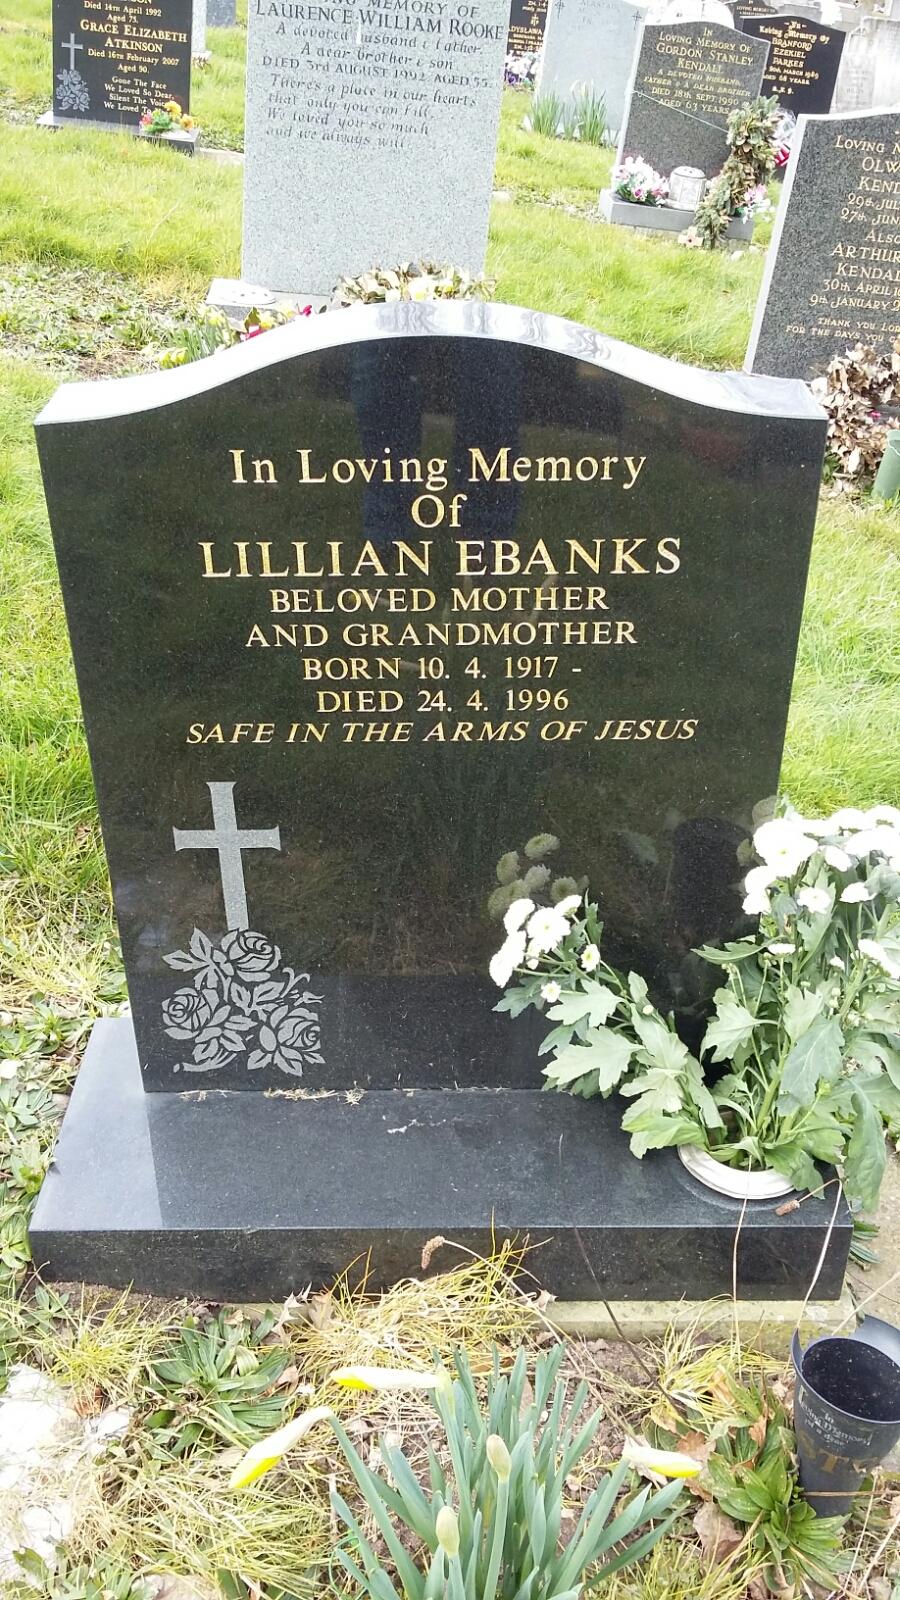 Lillian Ebanks